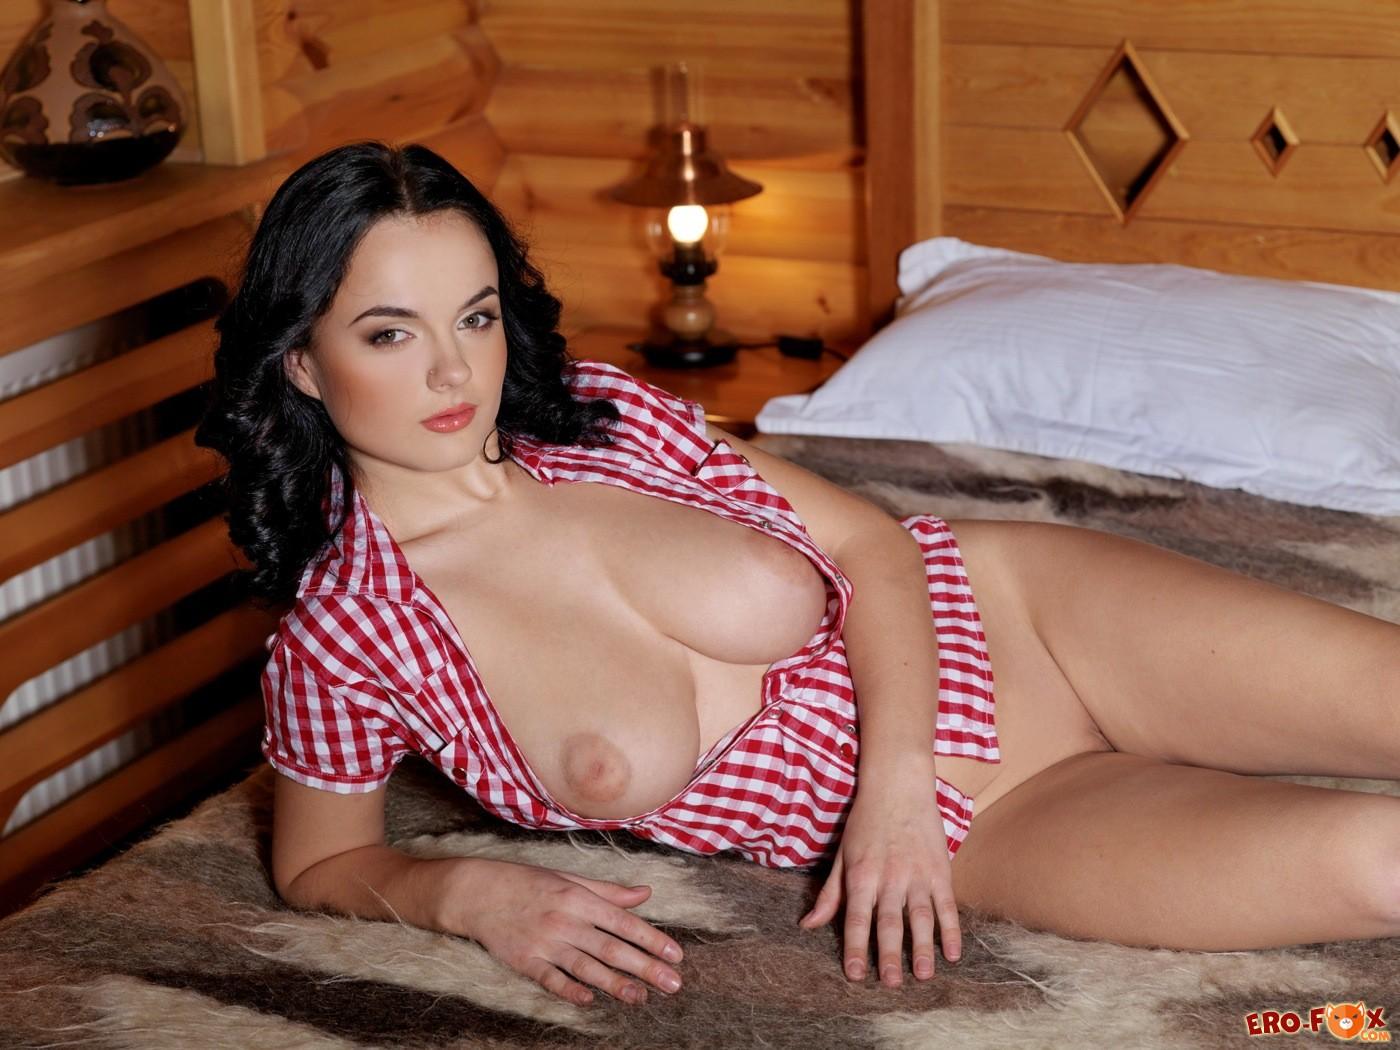 Брюнетка с крупной грудью в рубашке на кровати - фото